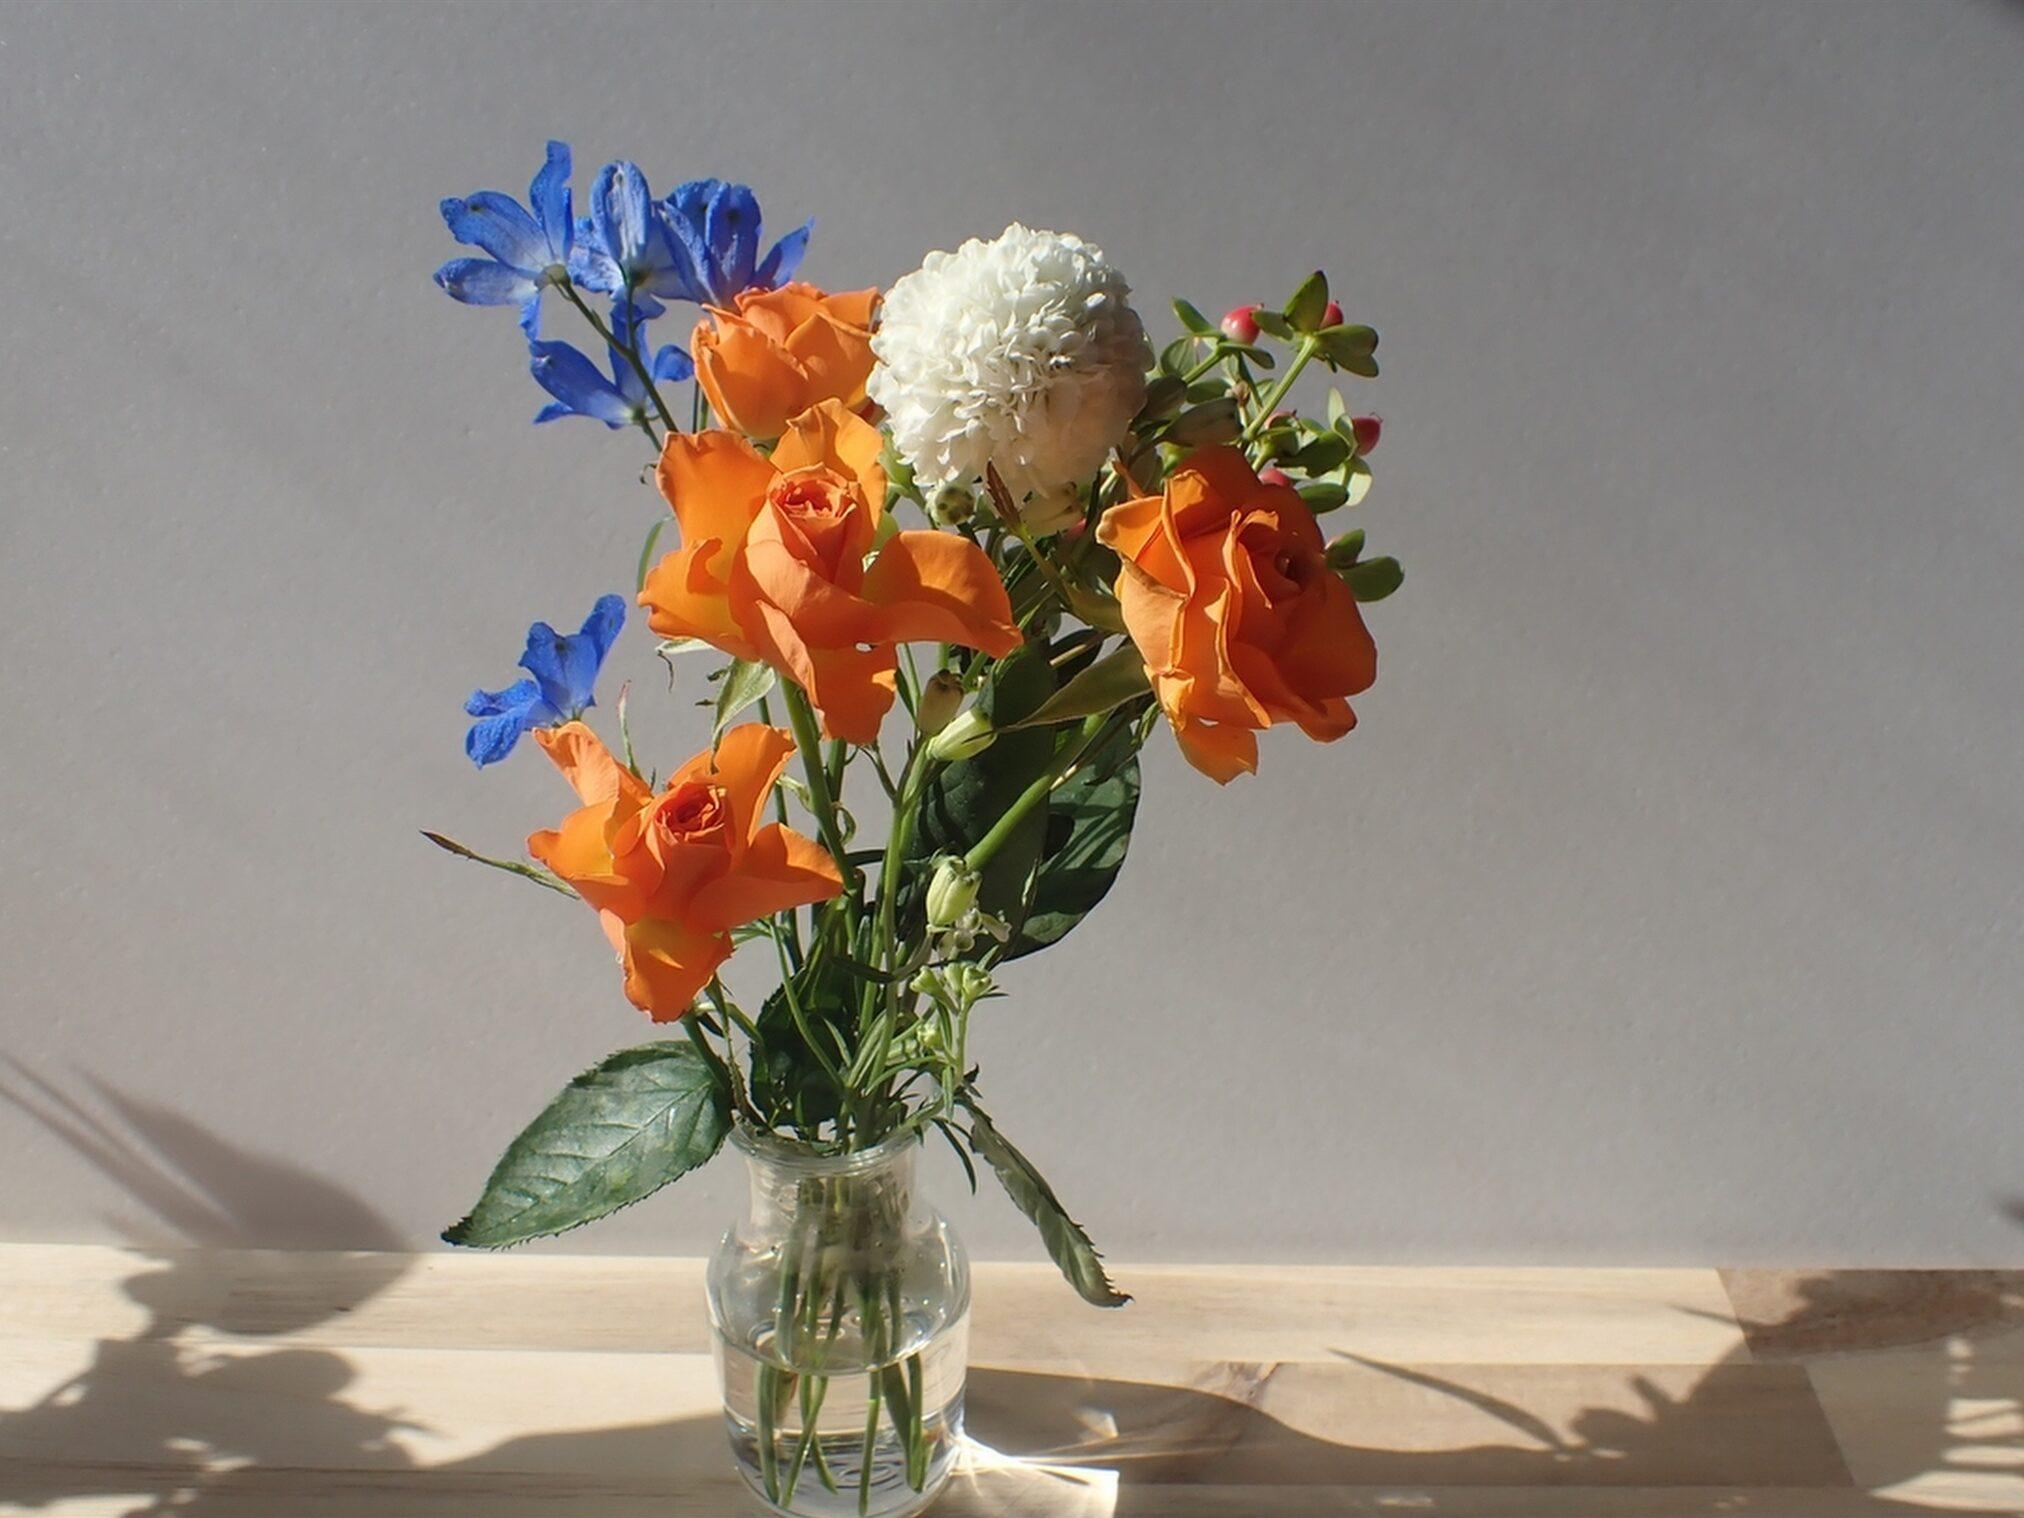 Bloomee LIFE(ブルーミーライフ)レギュラープラン 今週のお花、届いてから5日目のお花の状態